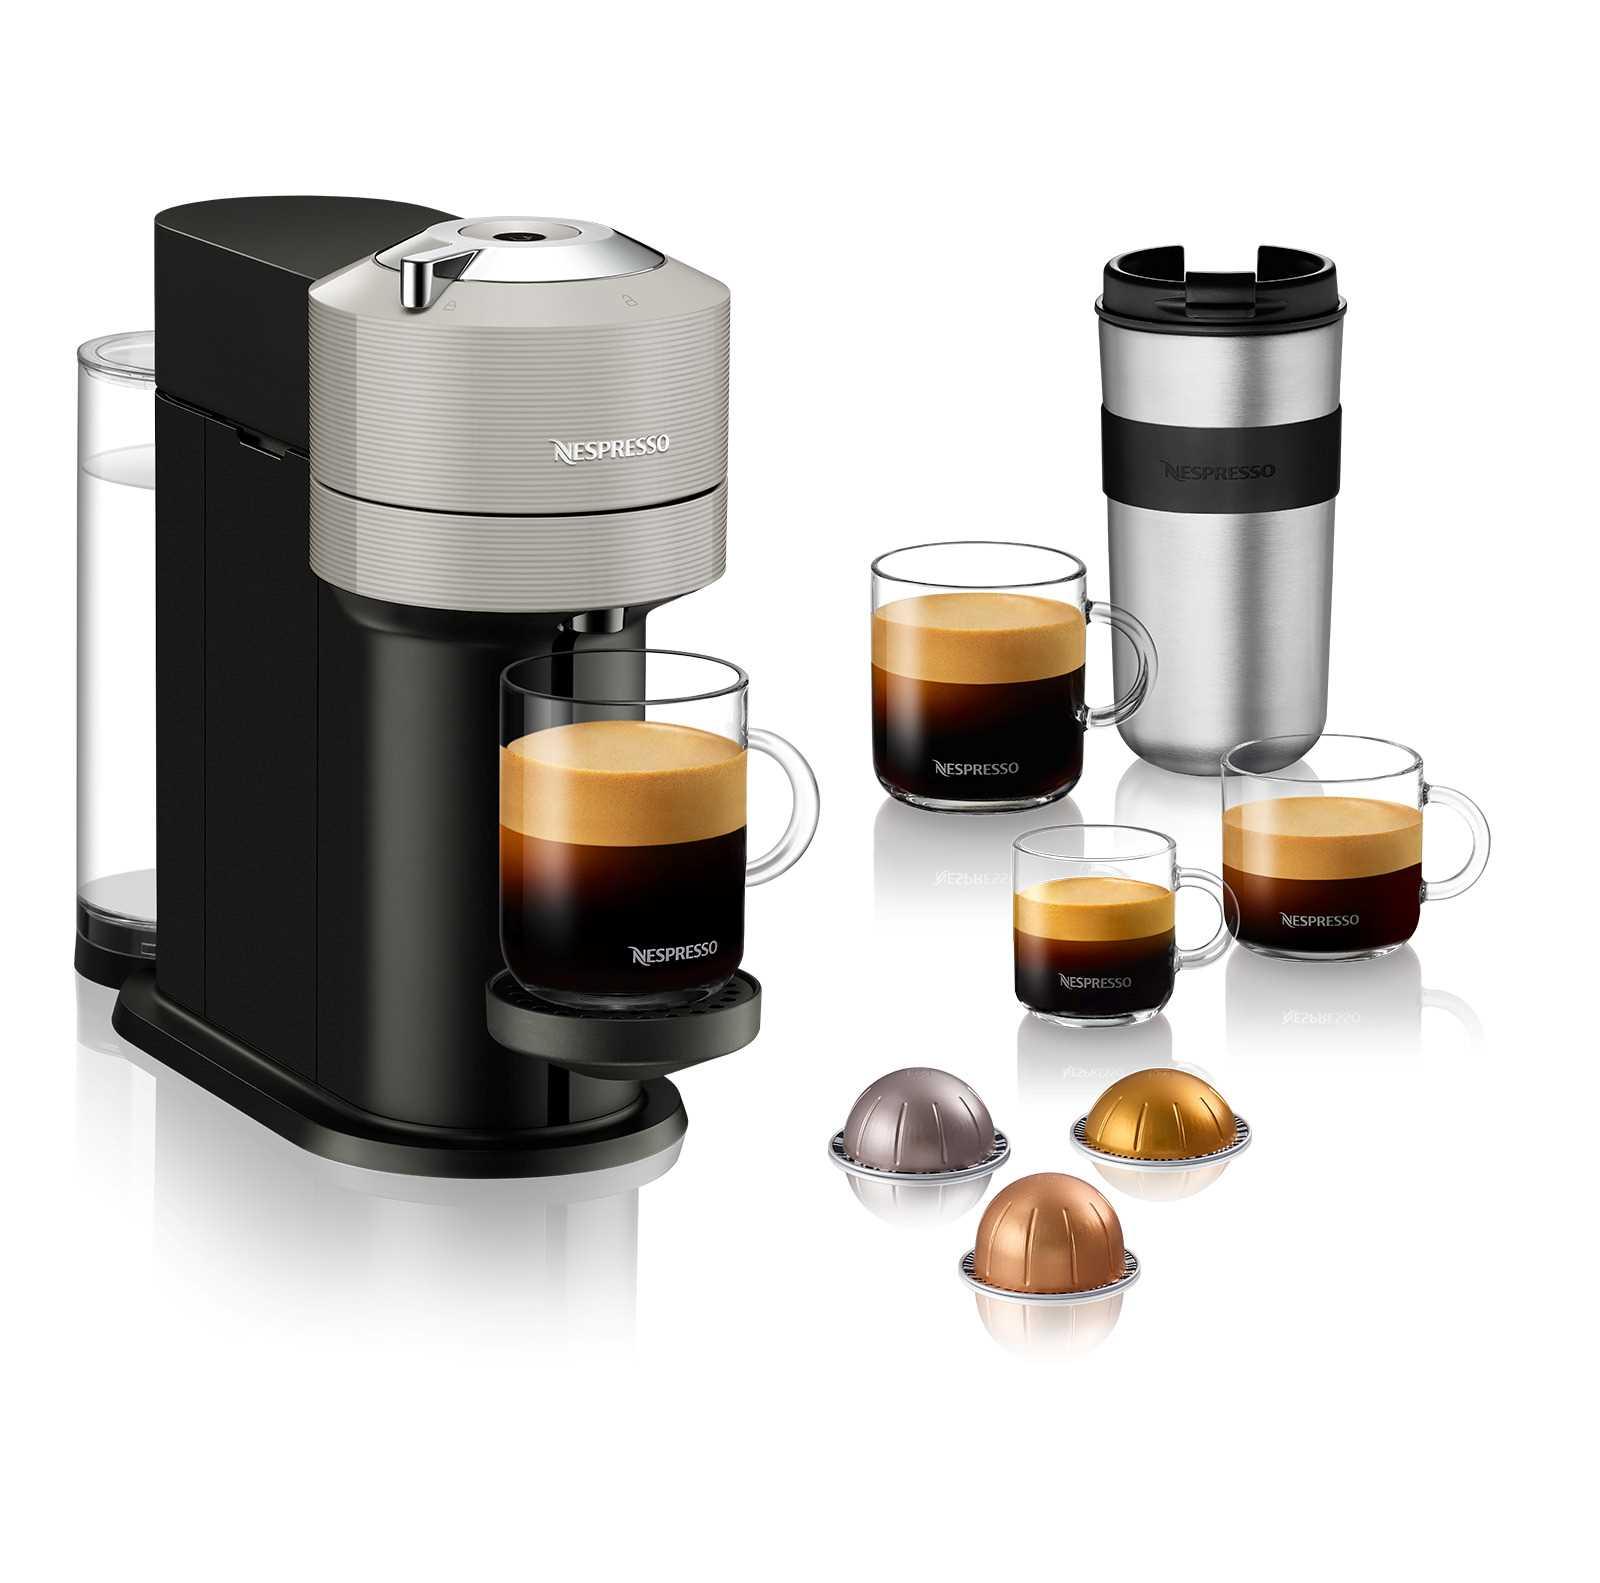 מכונת קפה NESPRESSO VertuoNext GCV1 אפור נספרסו - תמונה 1